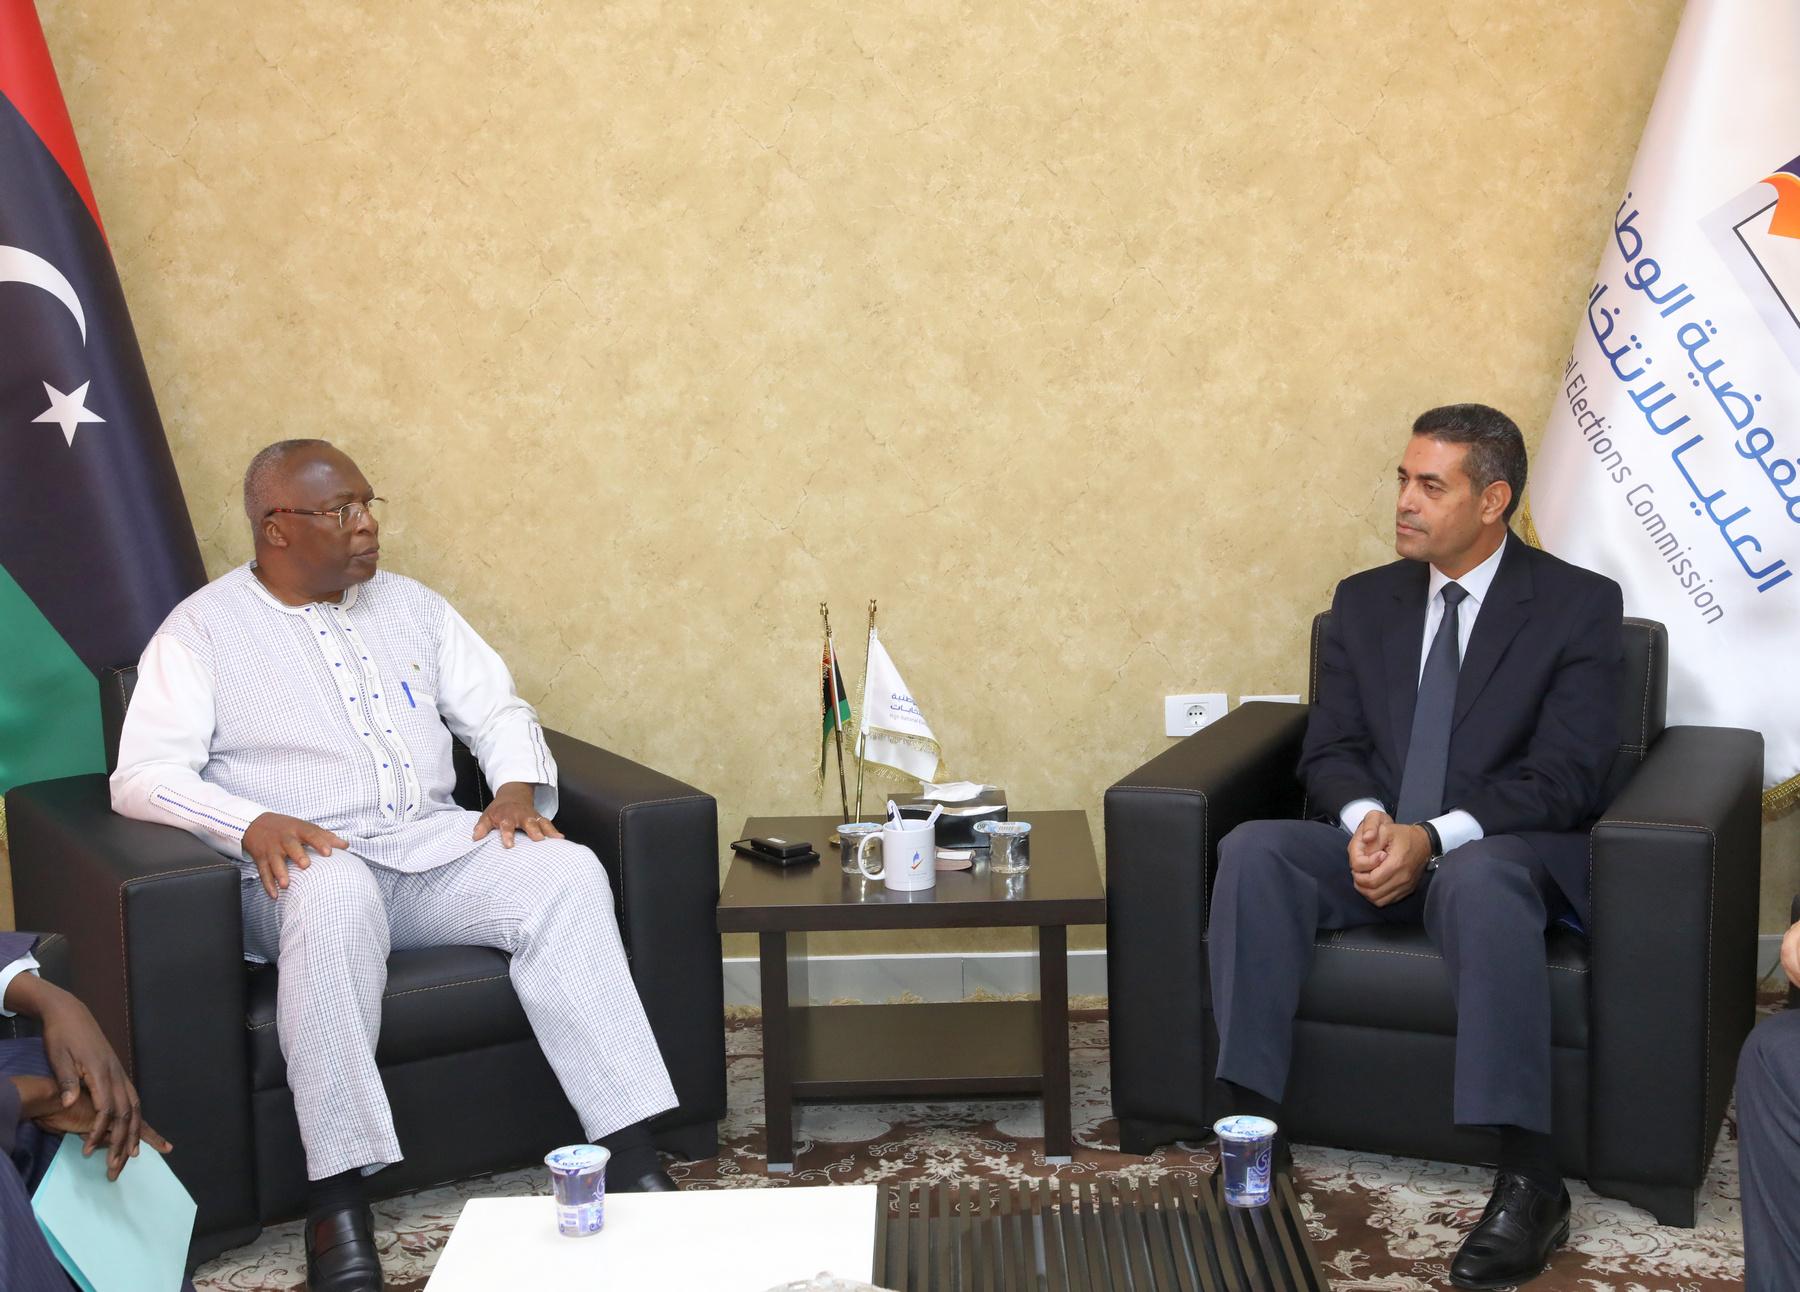 المفوضية تستلم دعوة رسمية لمراقبة انتخابات جالية بوركينا فاسو في ليبيا